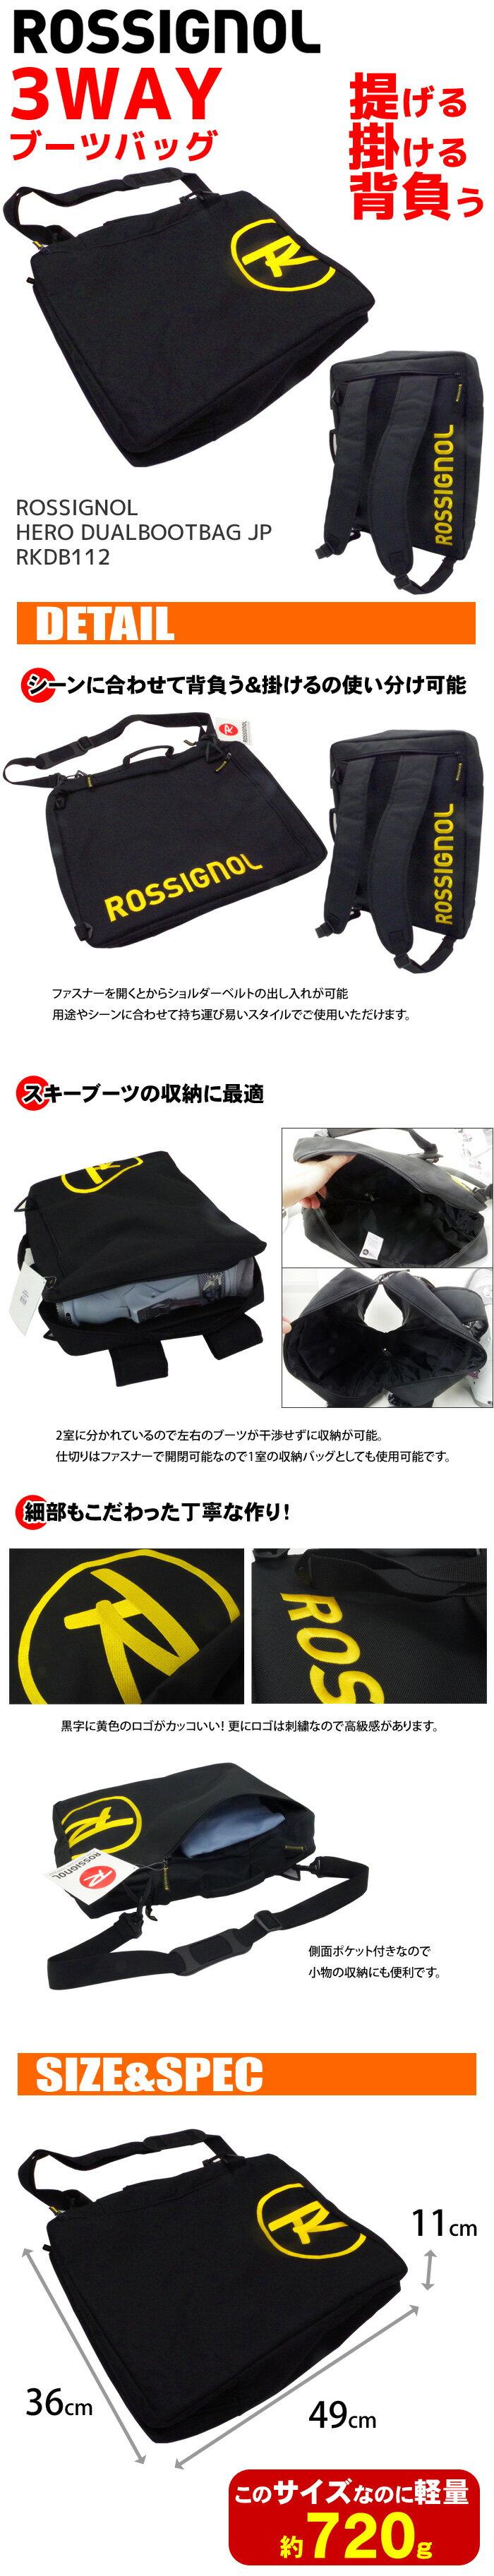 ロシニョール 3WAYブーツケース ROSSIGNOL HERO DUAL BOOT BAG JP RKDB112 ブーツバッグ【RCP】【メール便不可・宅配便配送】